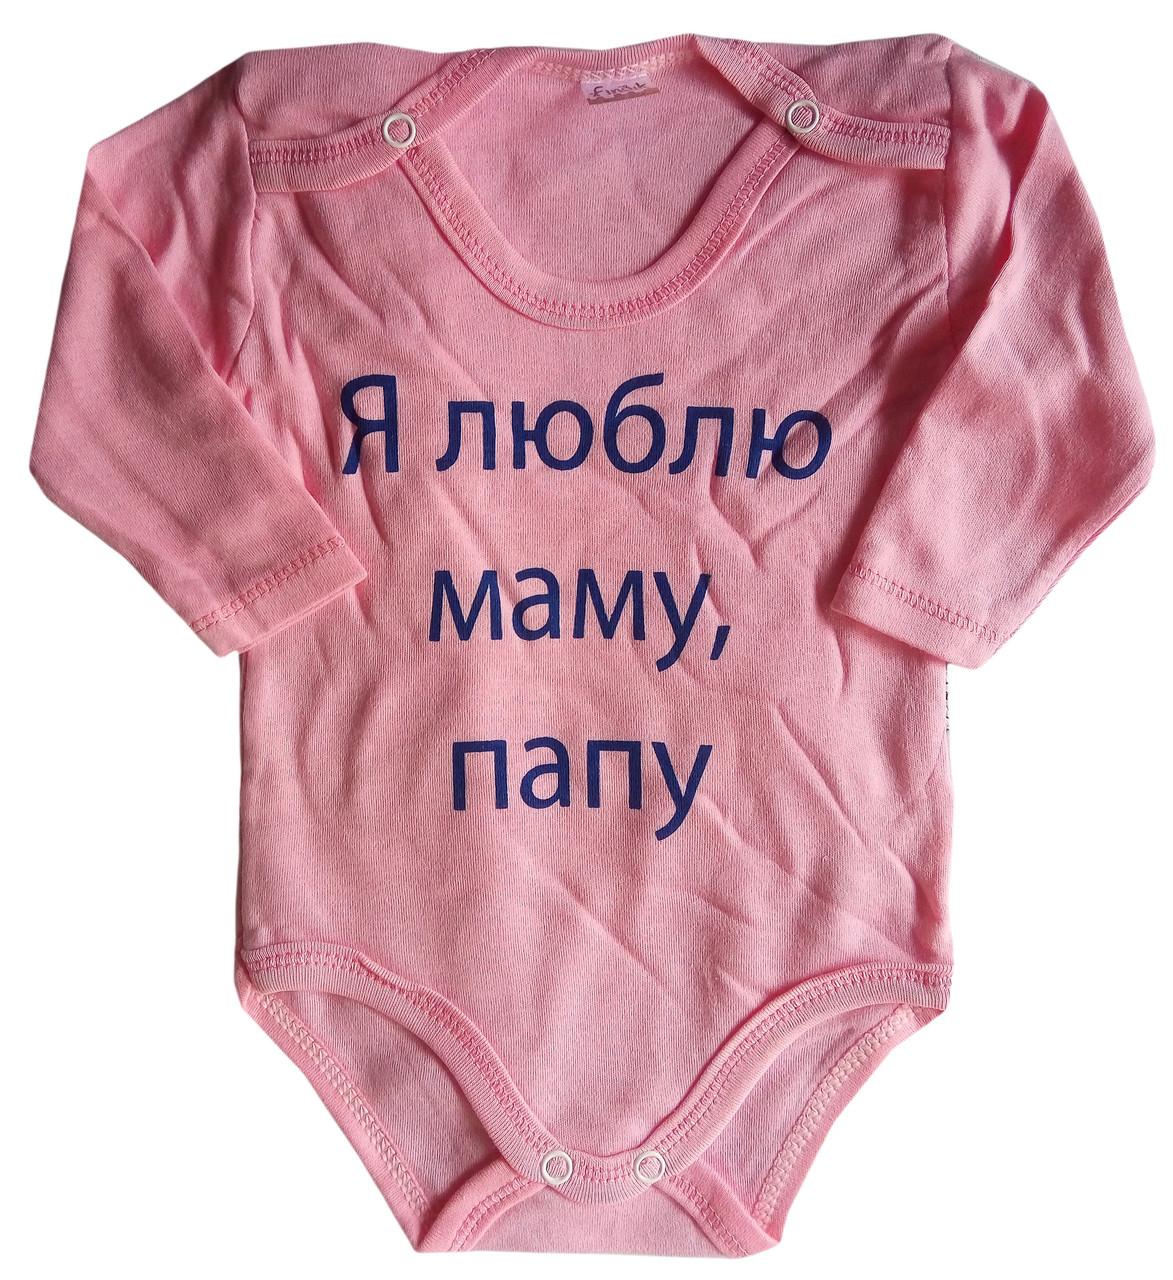 """Детские Боди с длинным рукавом, с надписью """"Я люблю маму, папу"""", розовый, 3-6-9-12-18 мес, Турция, оптом"""